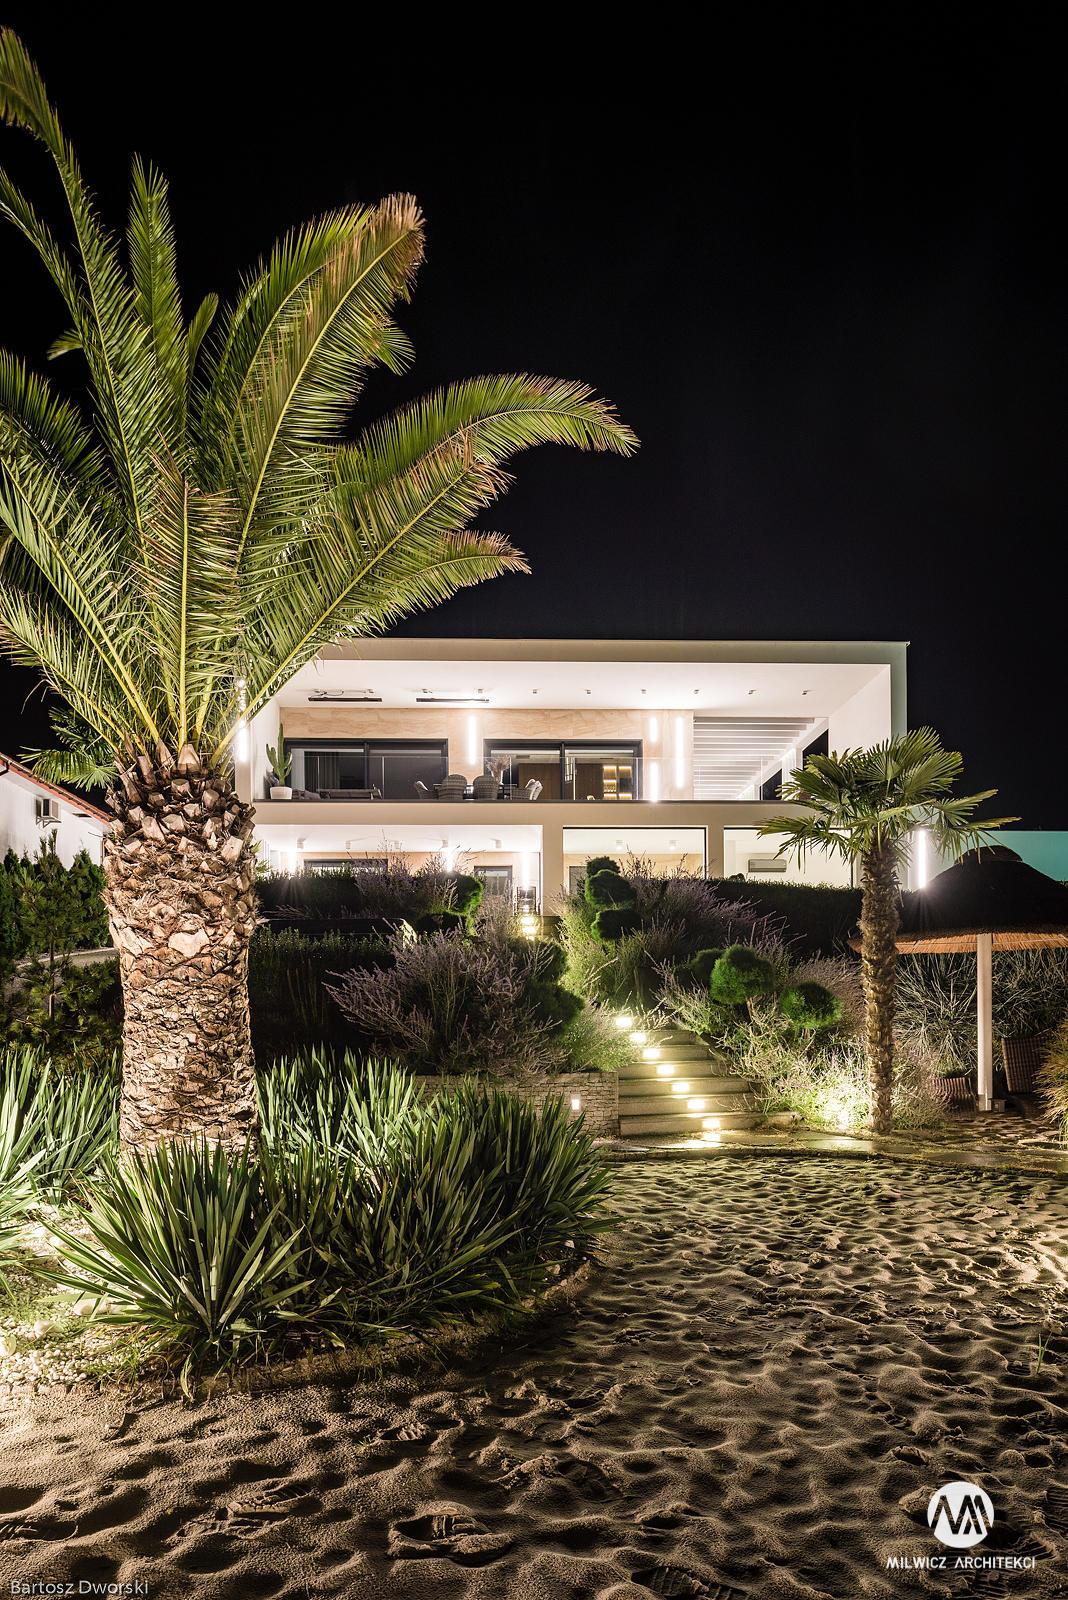 projekty indywidualne, nowoczesna architektura, modernizm, płaskie dachy, dom z drzewem